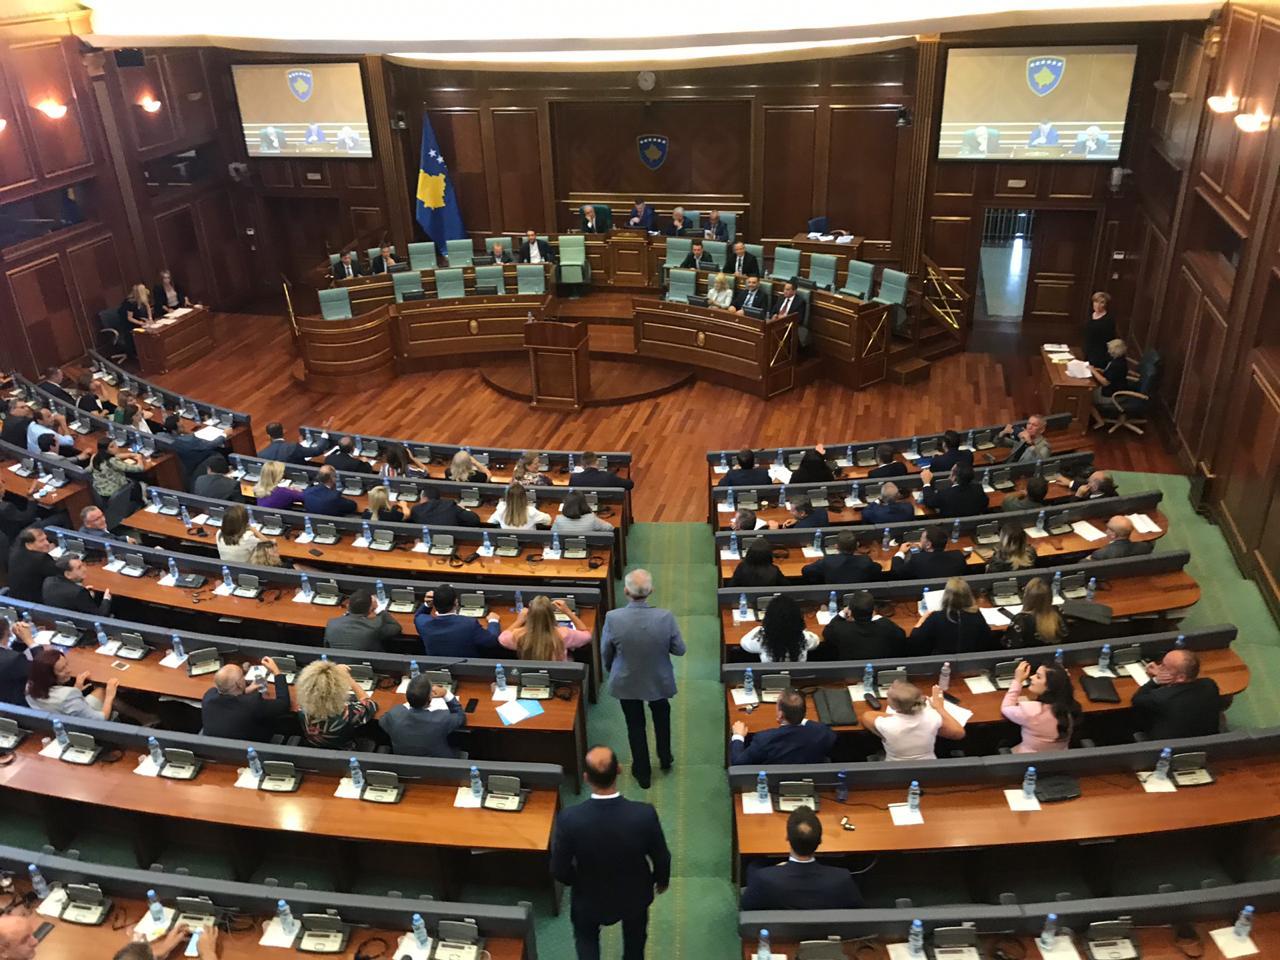 Shpërndahet parlamenti në Kosovë